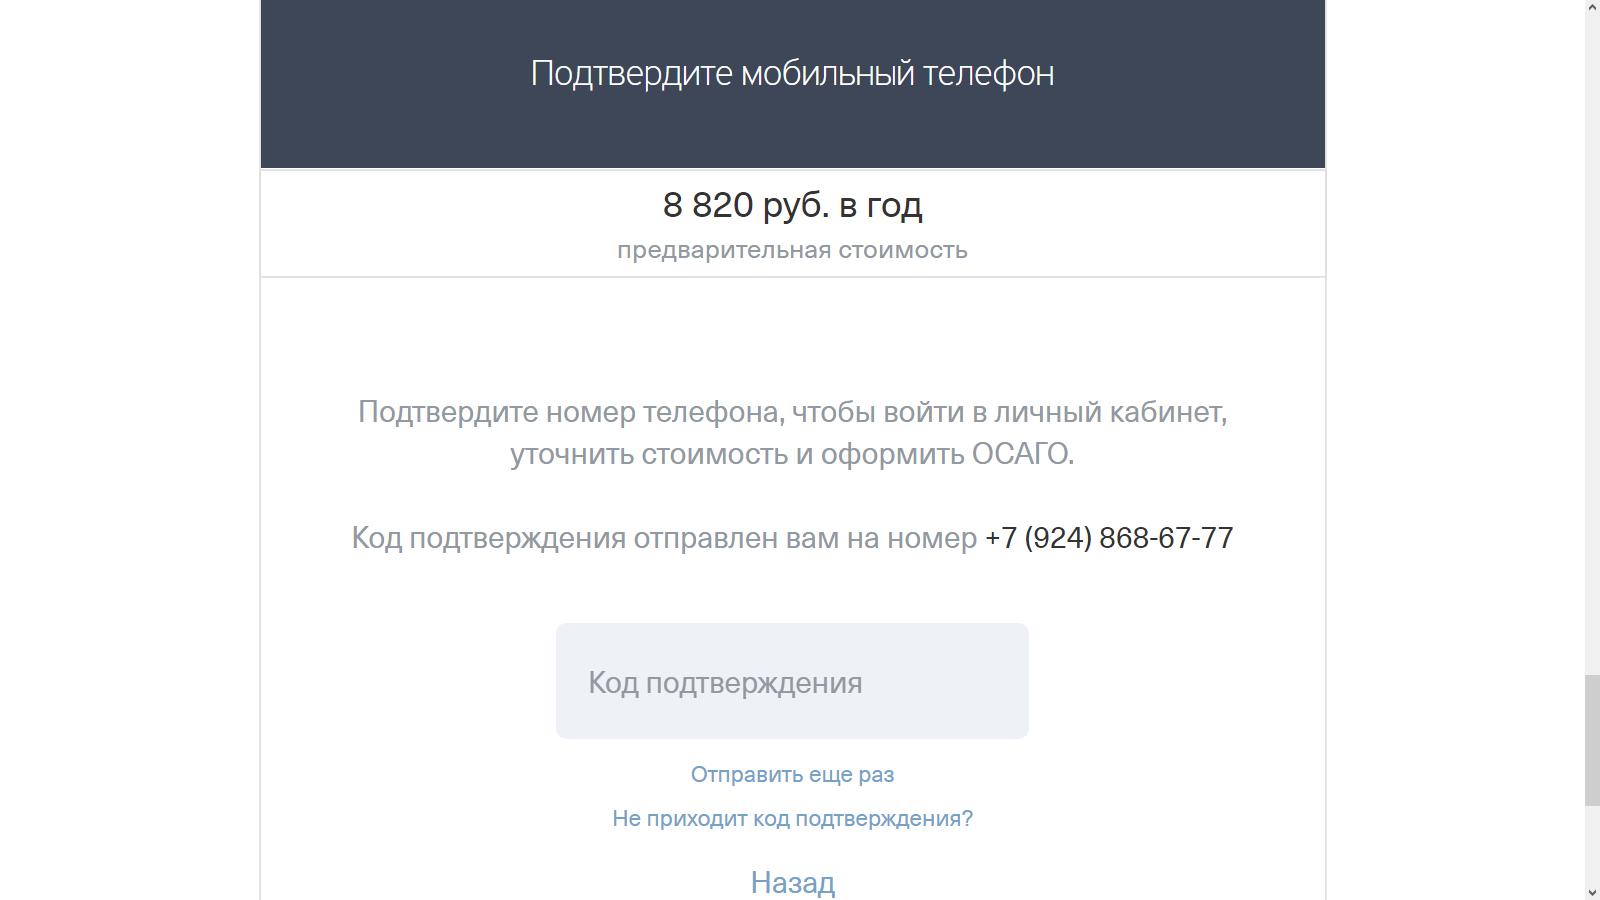 Стоимость ОСАГО в Тинькофф